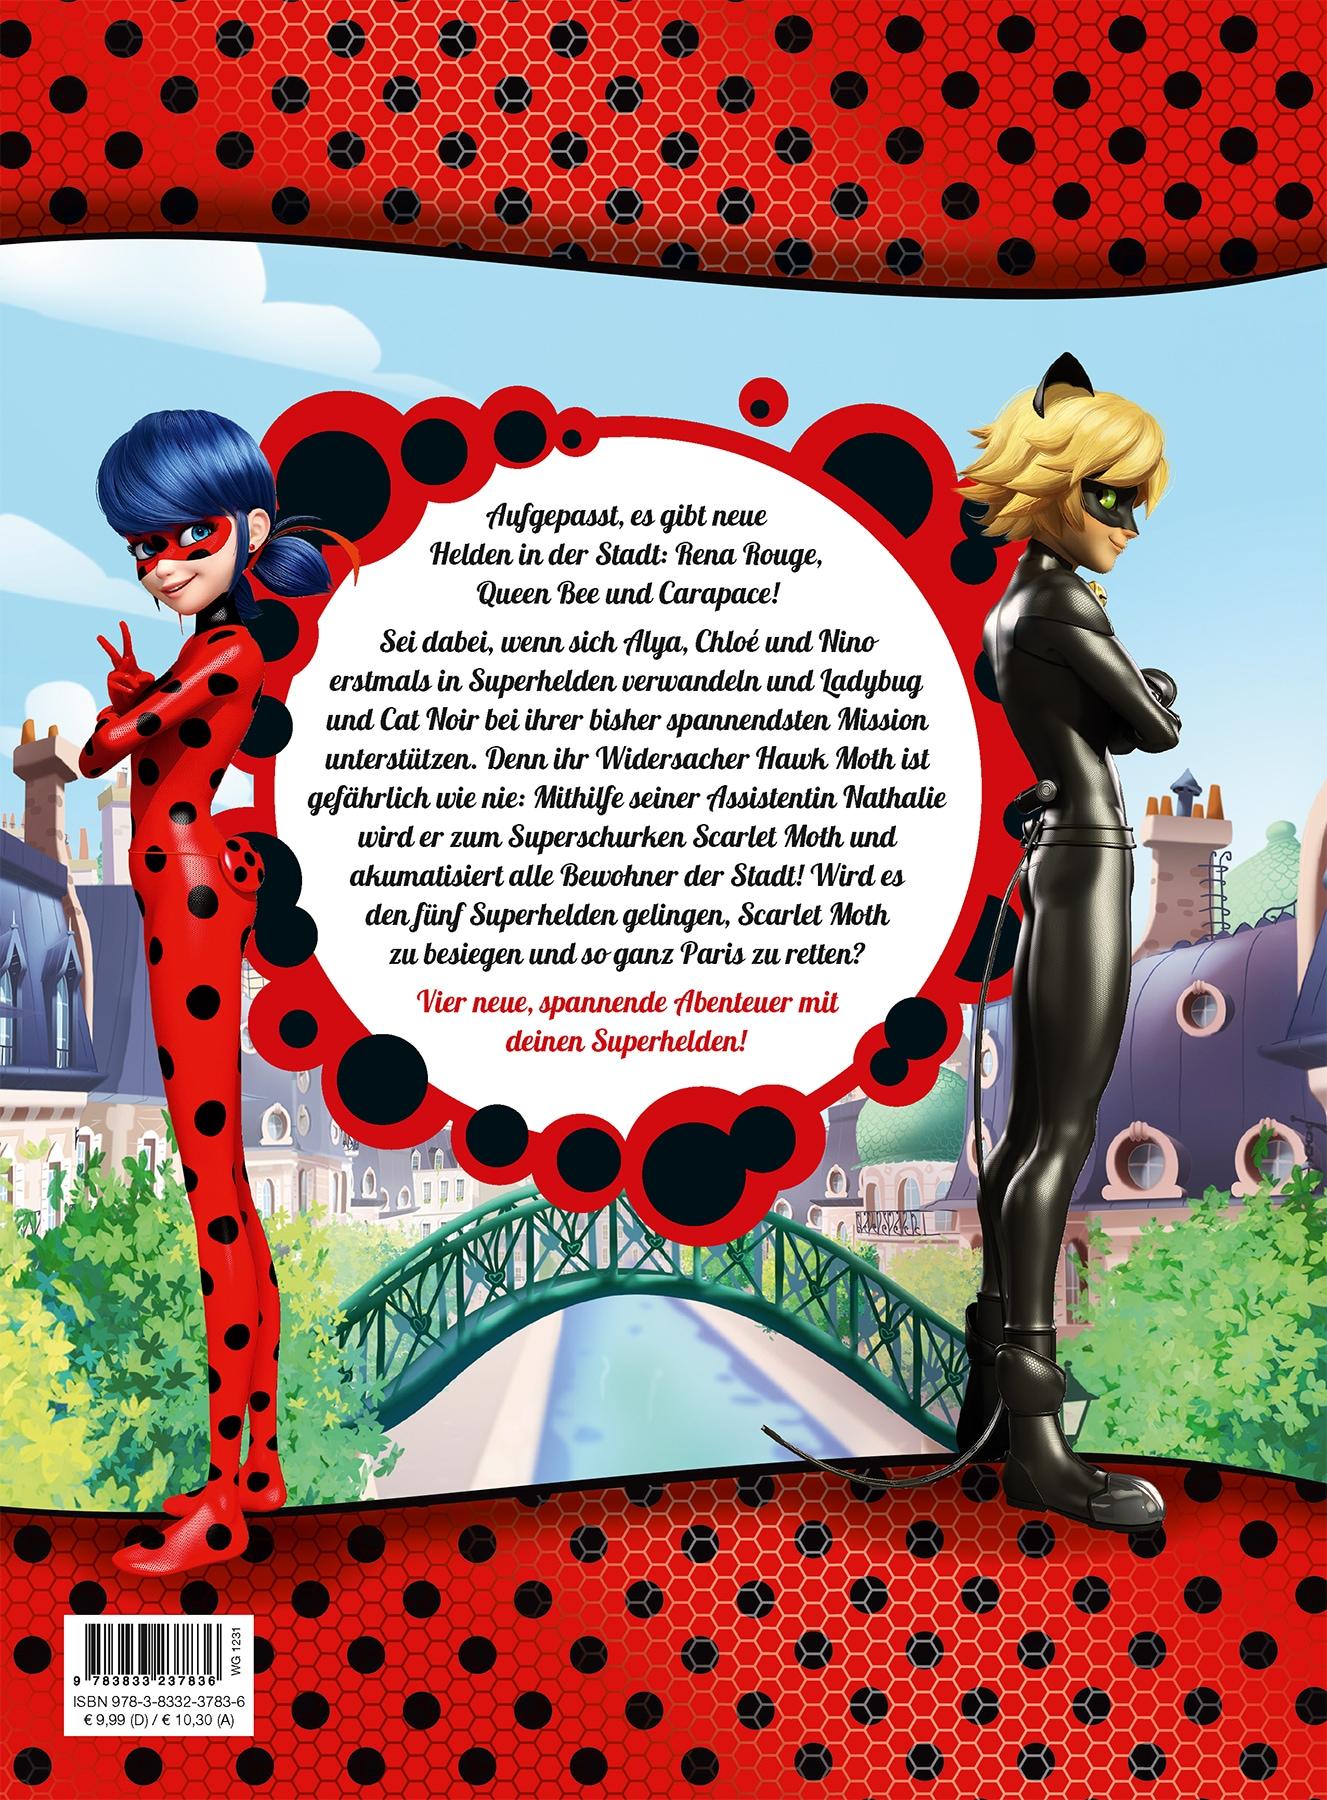 Buch Miraculous: Neue Superhelden-Abenteuer mit Ladybug ...